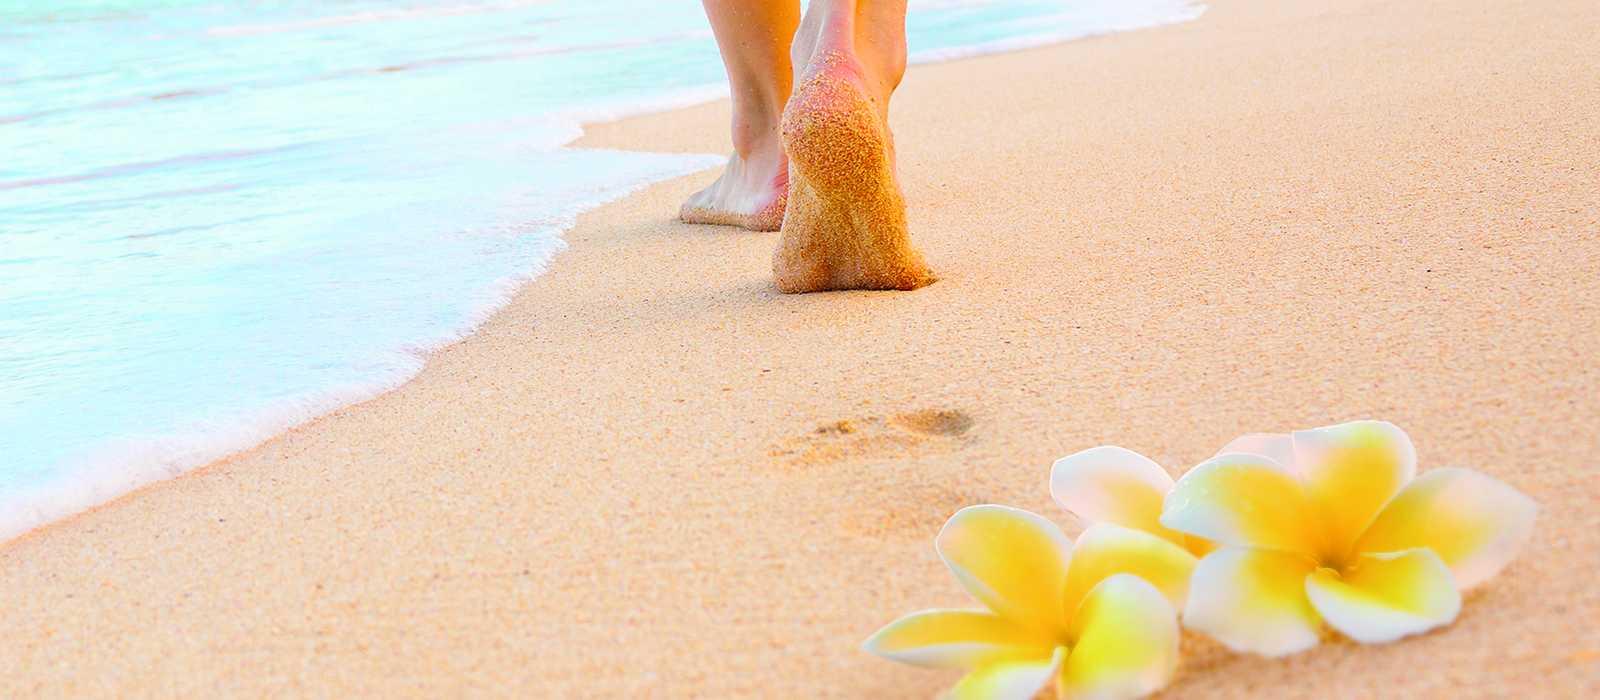 Barfuß über einen Strand auf Hawaii